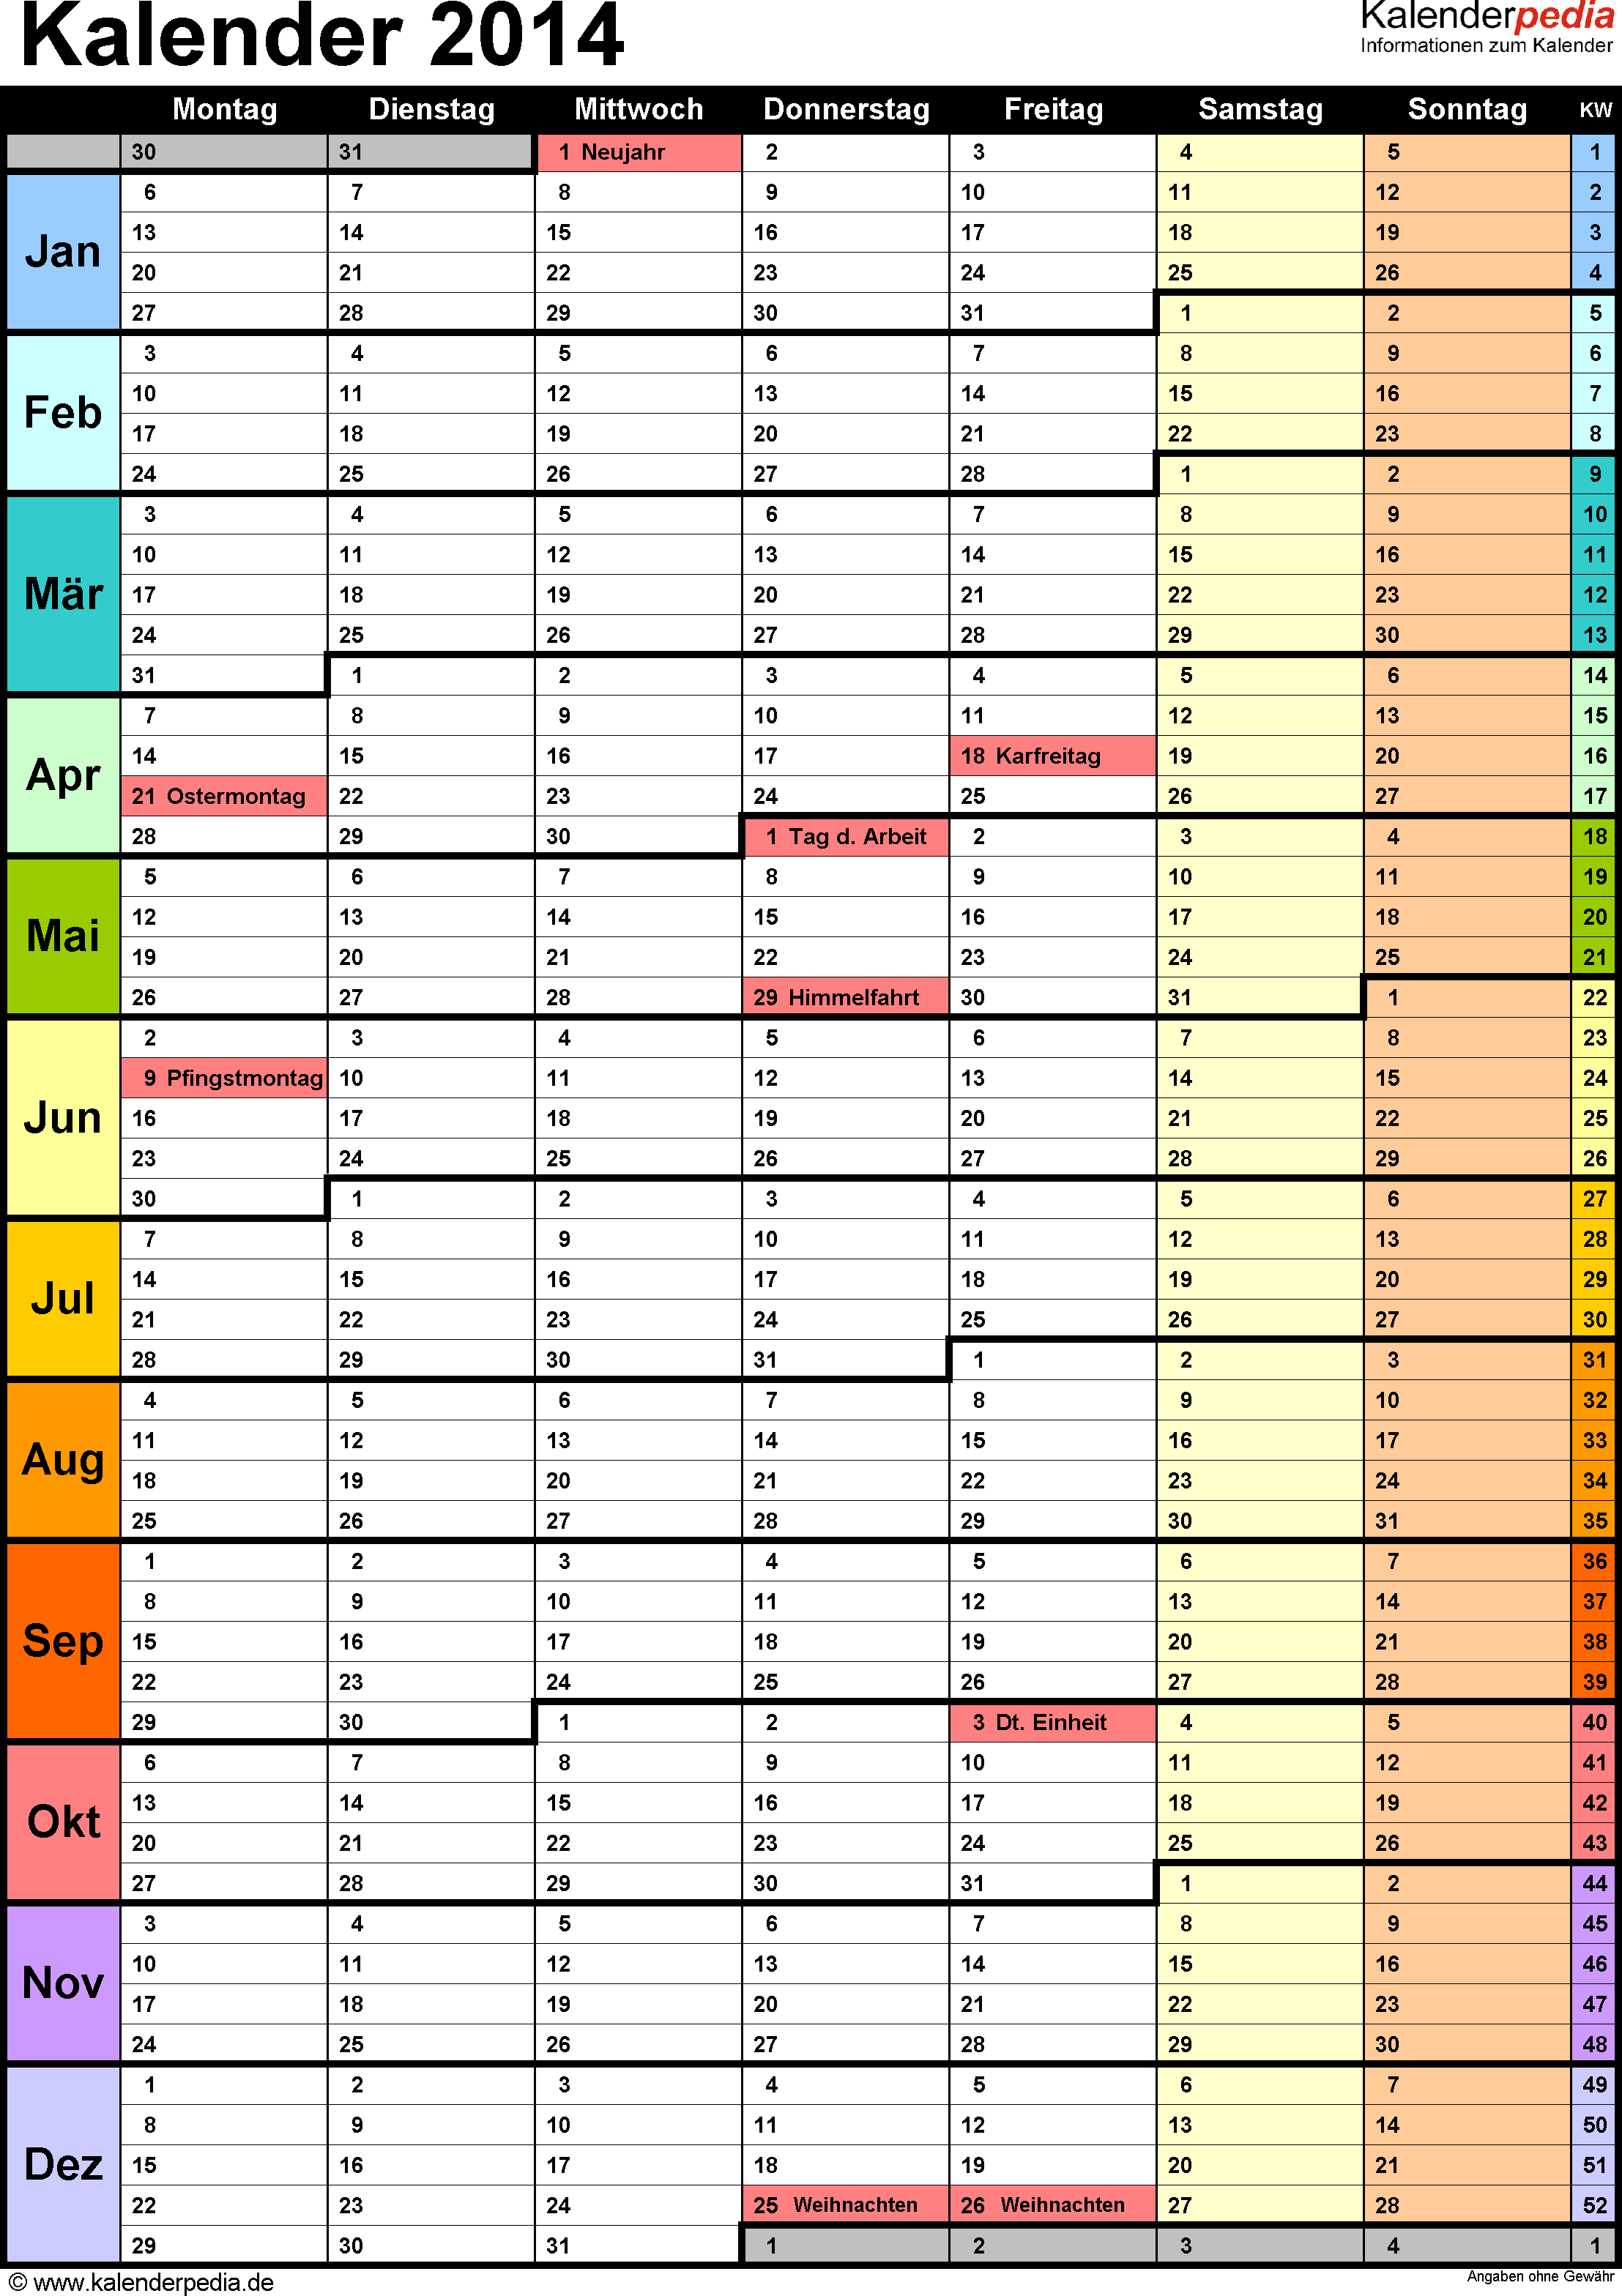 Vorlage 13: Kalender 2014 für Word, Hochformat, 1 Seite, in Farbe, mit Wochengliederung